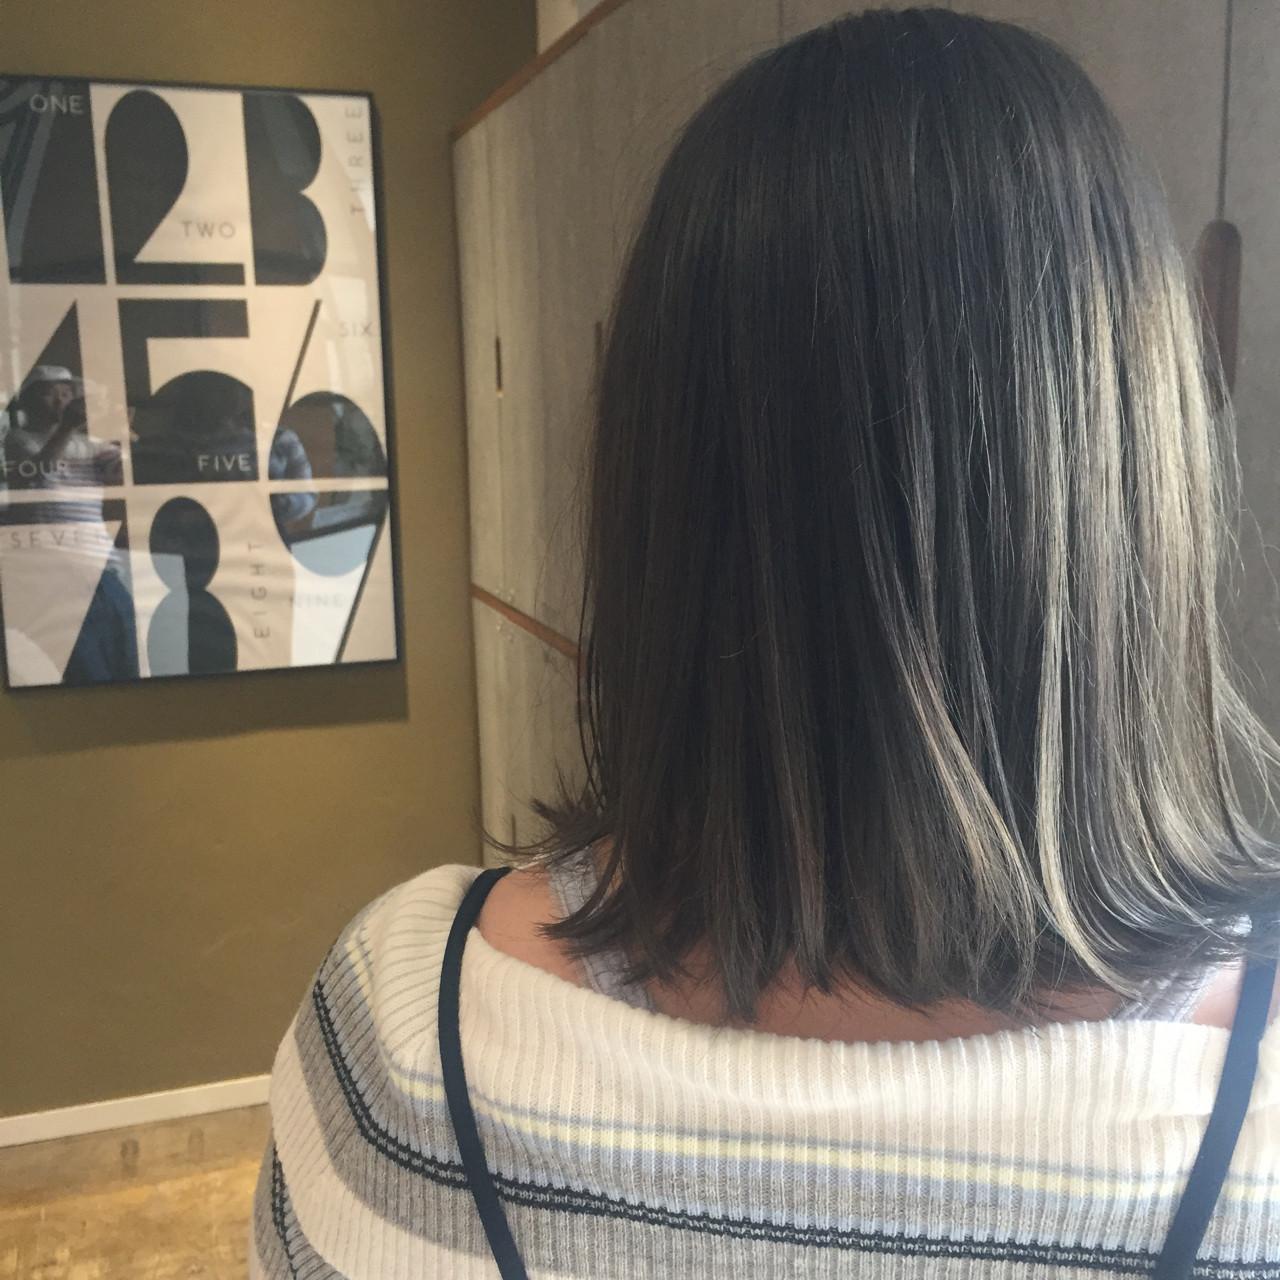 イルミナカラー ブルージュ アッシュグレー ストリート ヘアスタイルや髪型の写真・画像